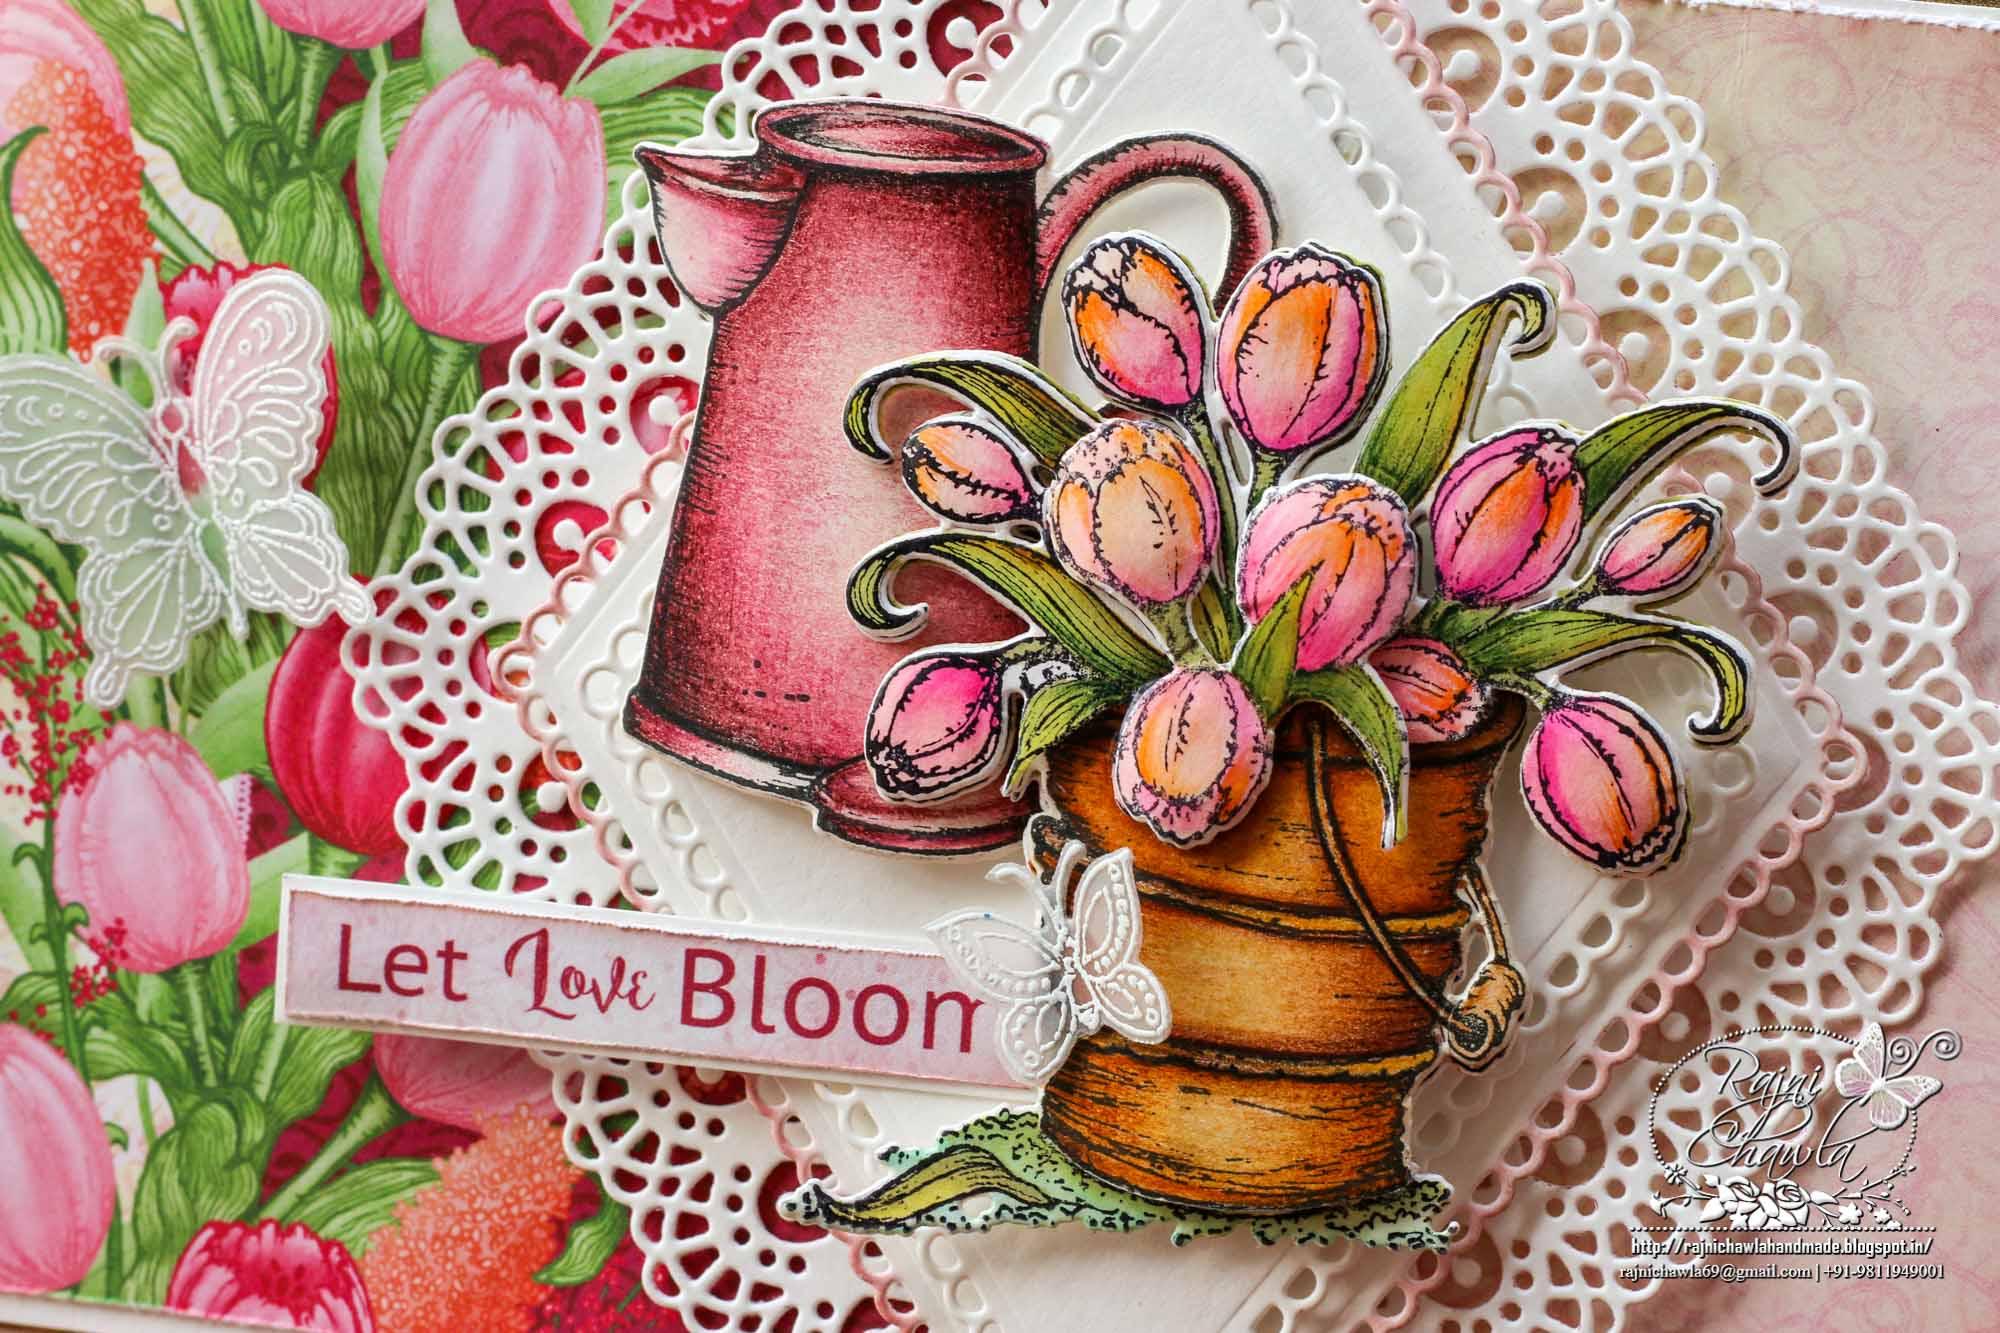 Let Love Bloom (Debuting The Lacy Diamond Dies)